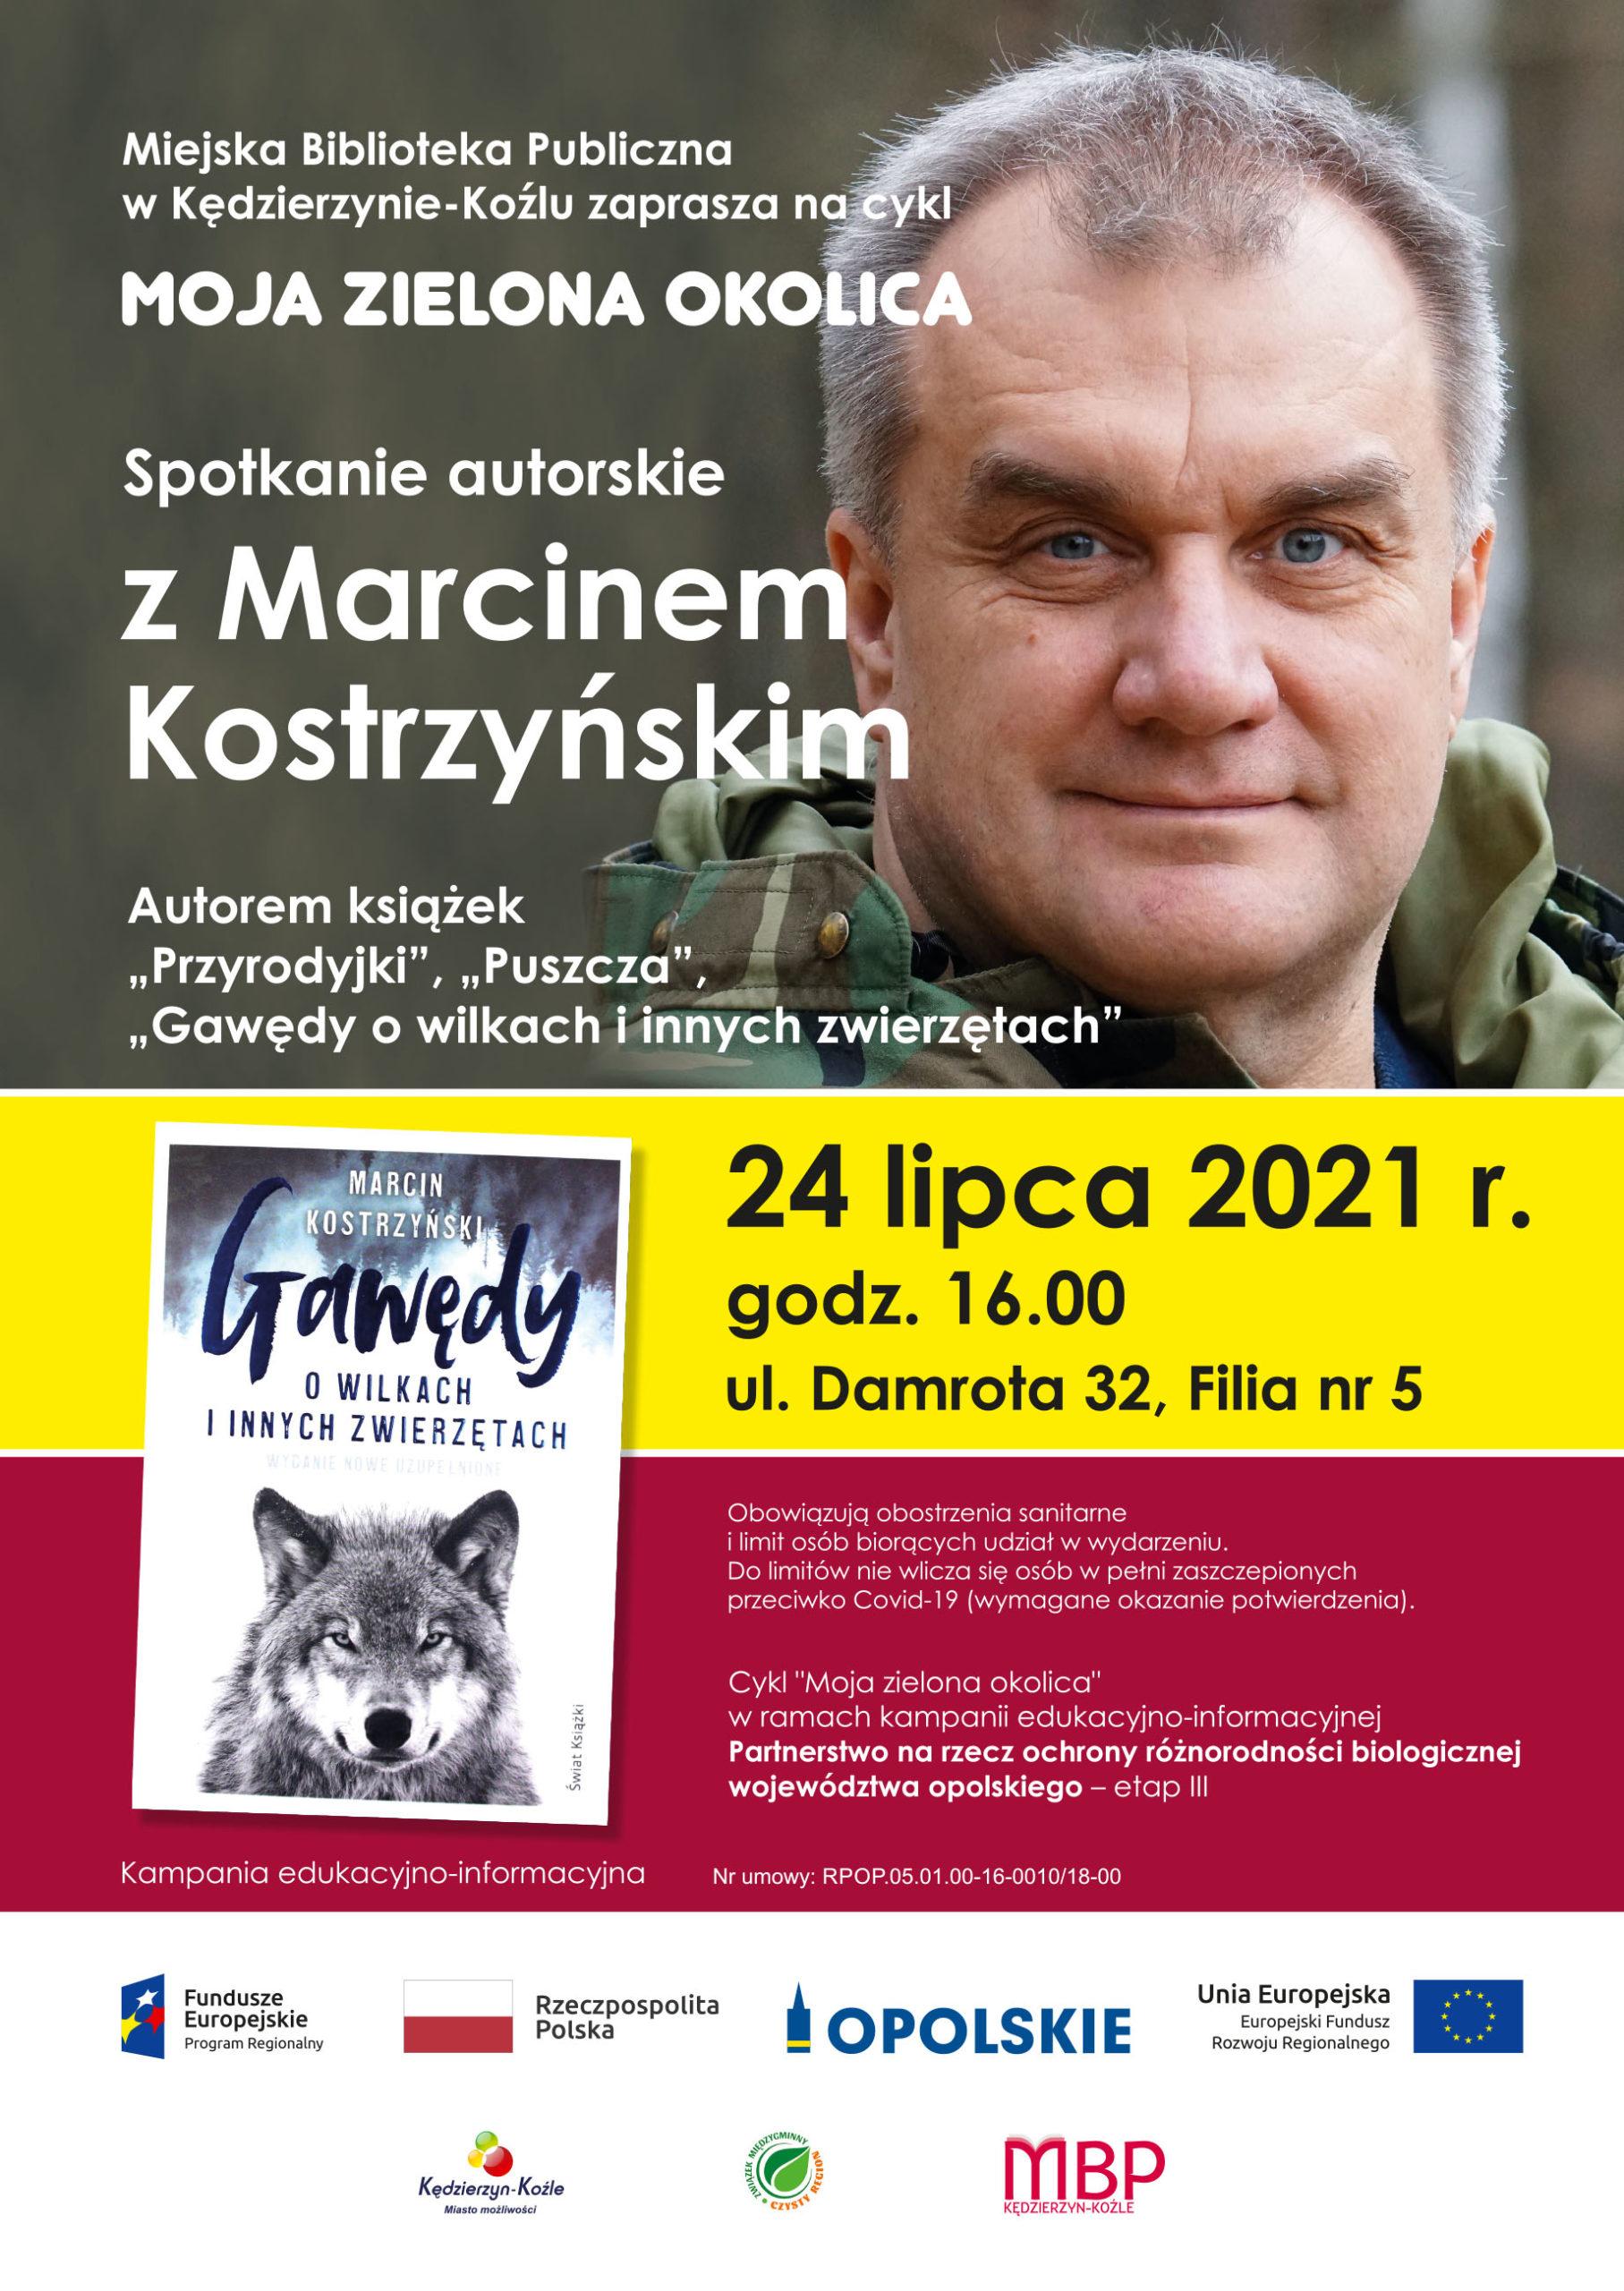 plakat na spotkanie z Marcinem Kostrzyńskim